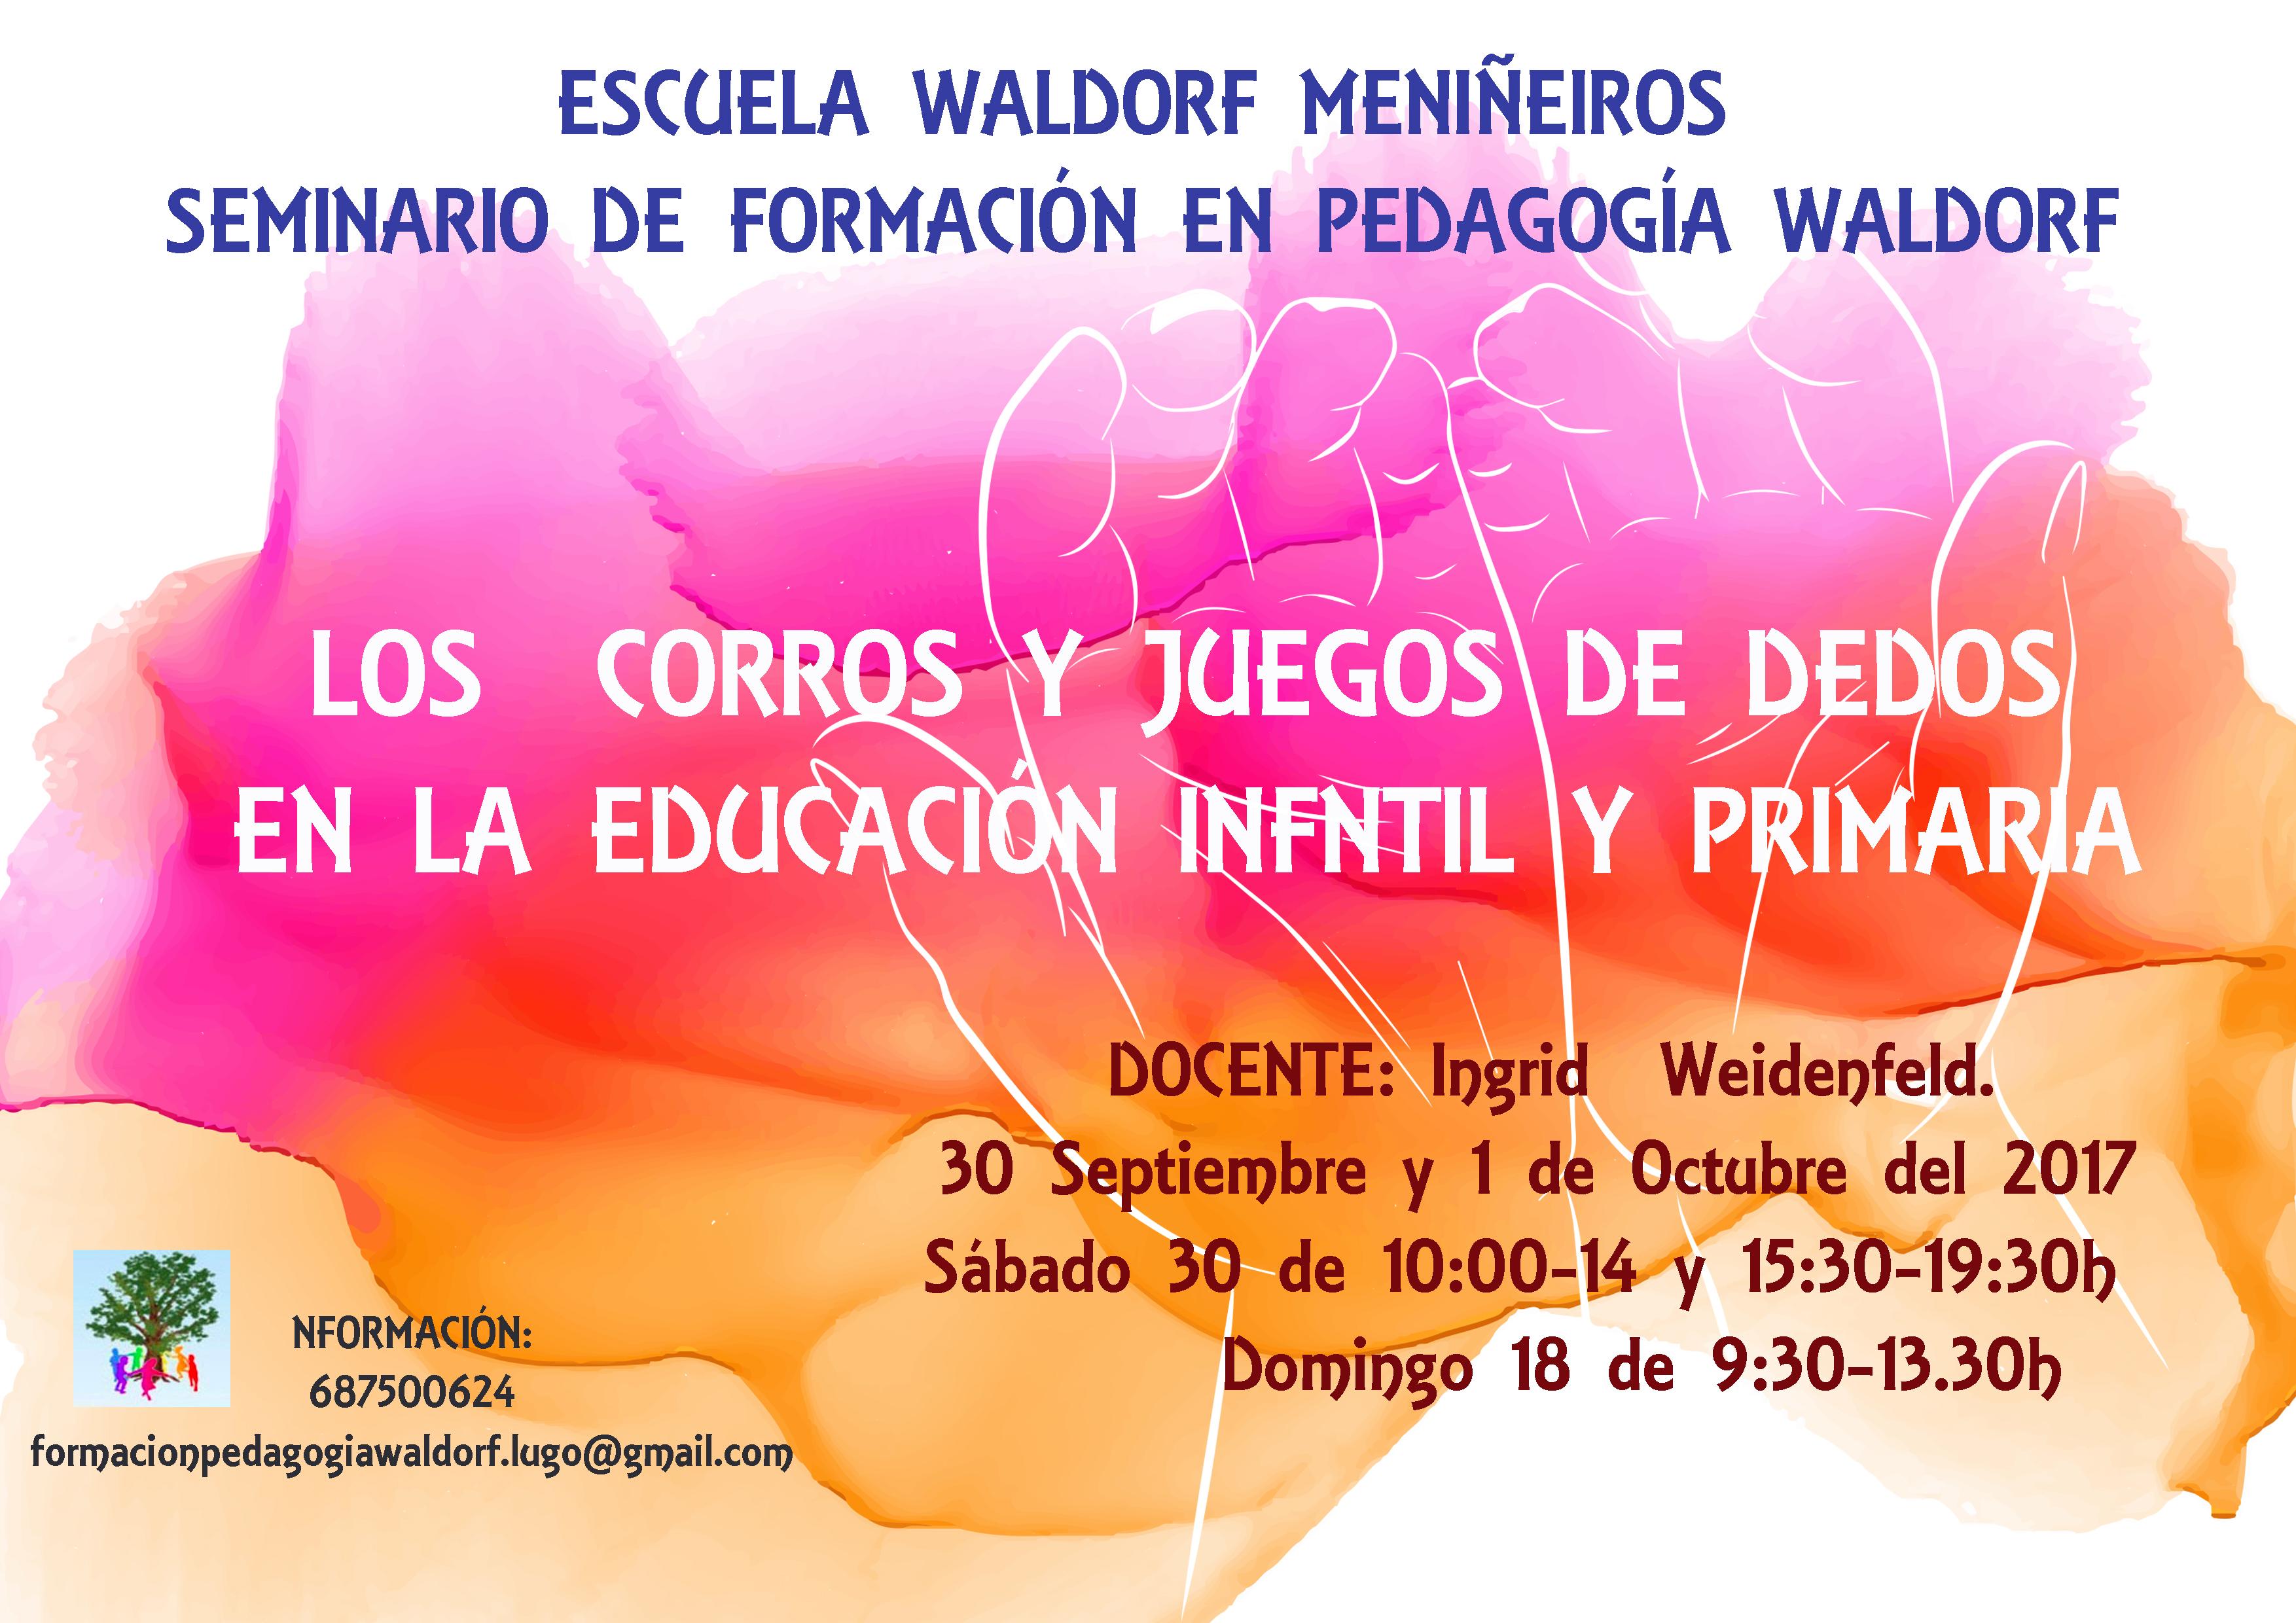 Seminario De Formacion En Pedagogia Waldorf Septiembre Escuela